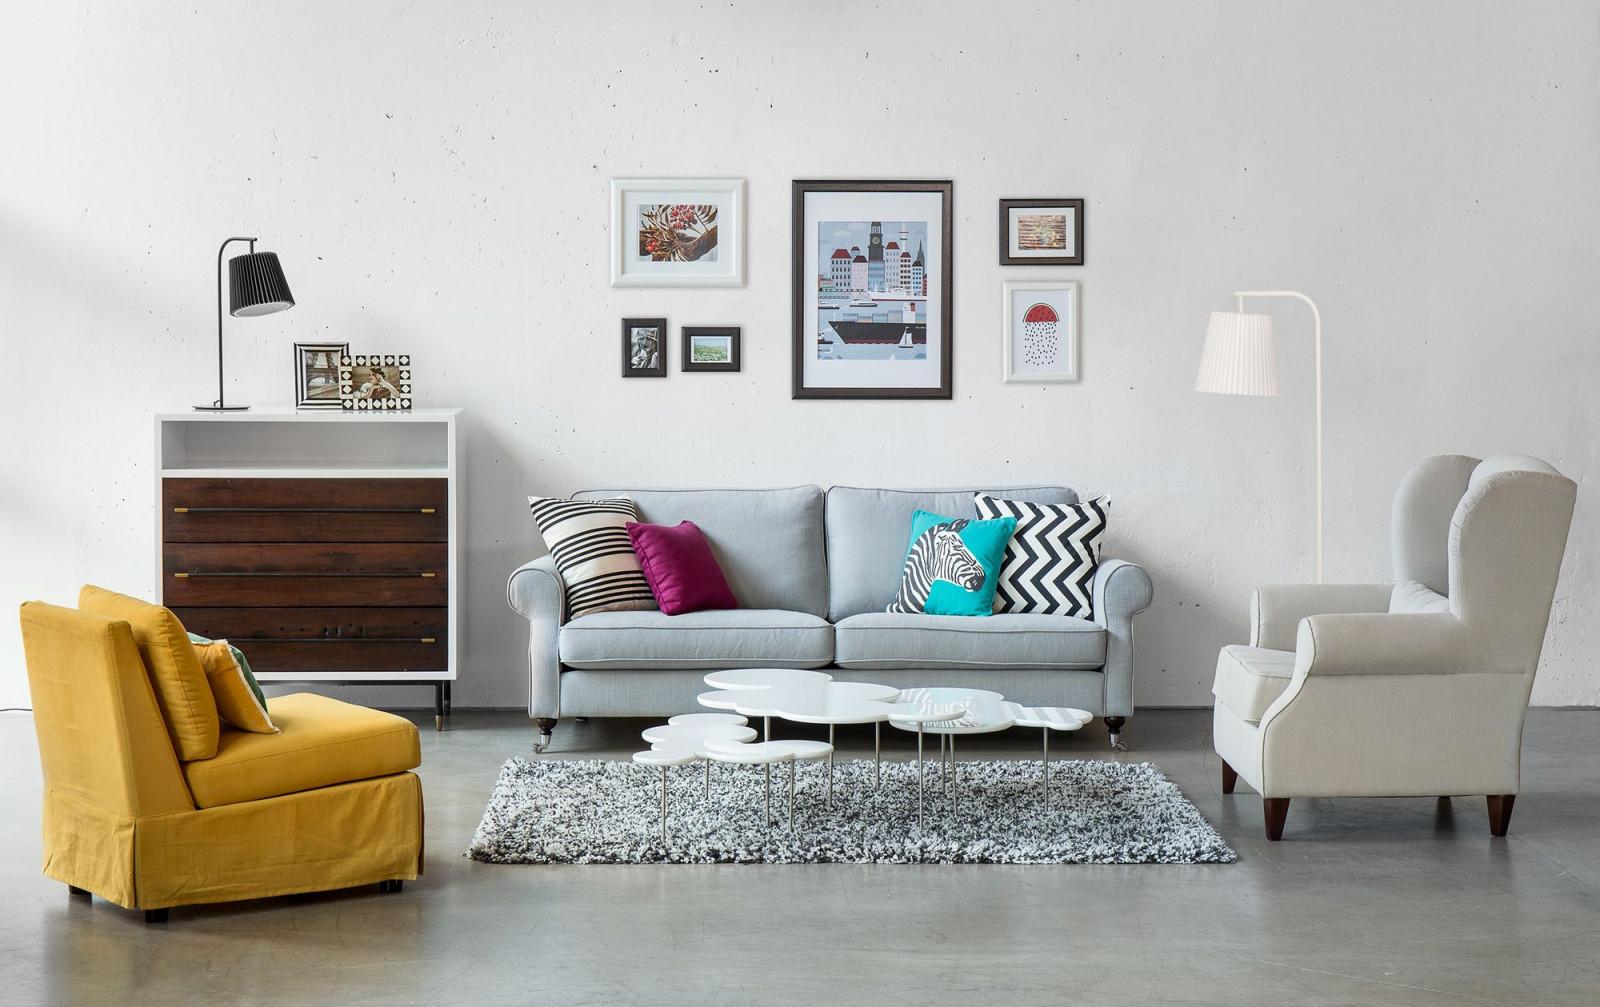 Wohnzimmerset  Wohnzimmer Stilvoll Einrichten  Fashion For von Wohnzimmer Stilvoll Einrichten Bild